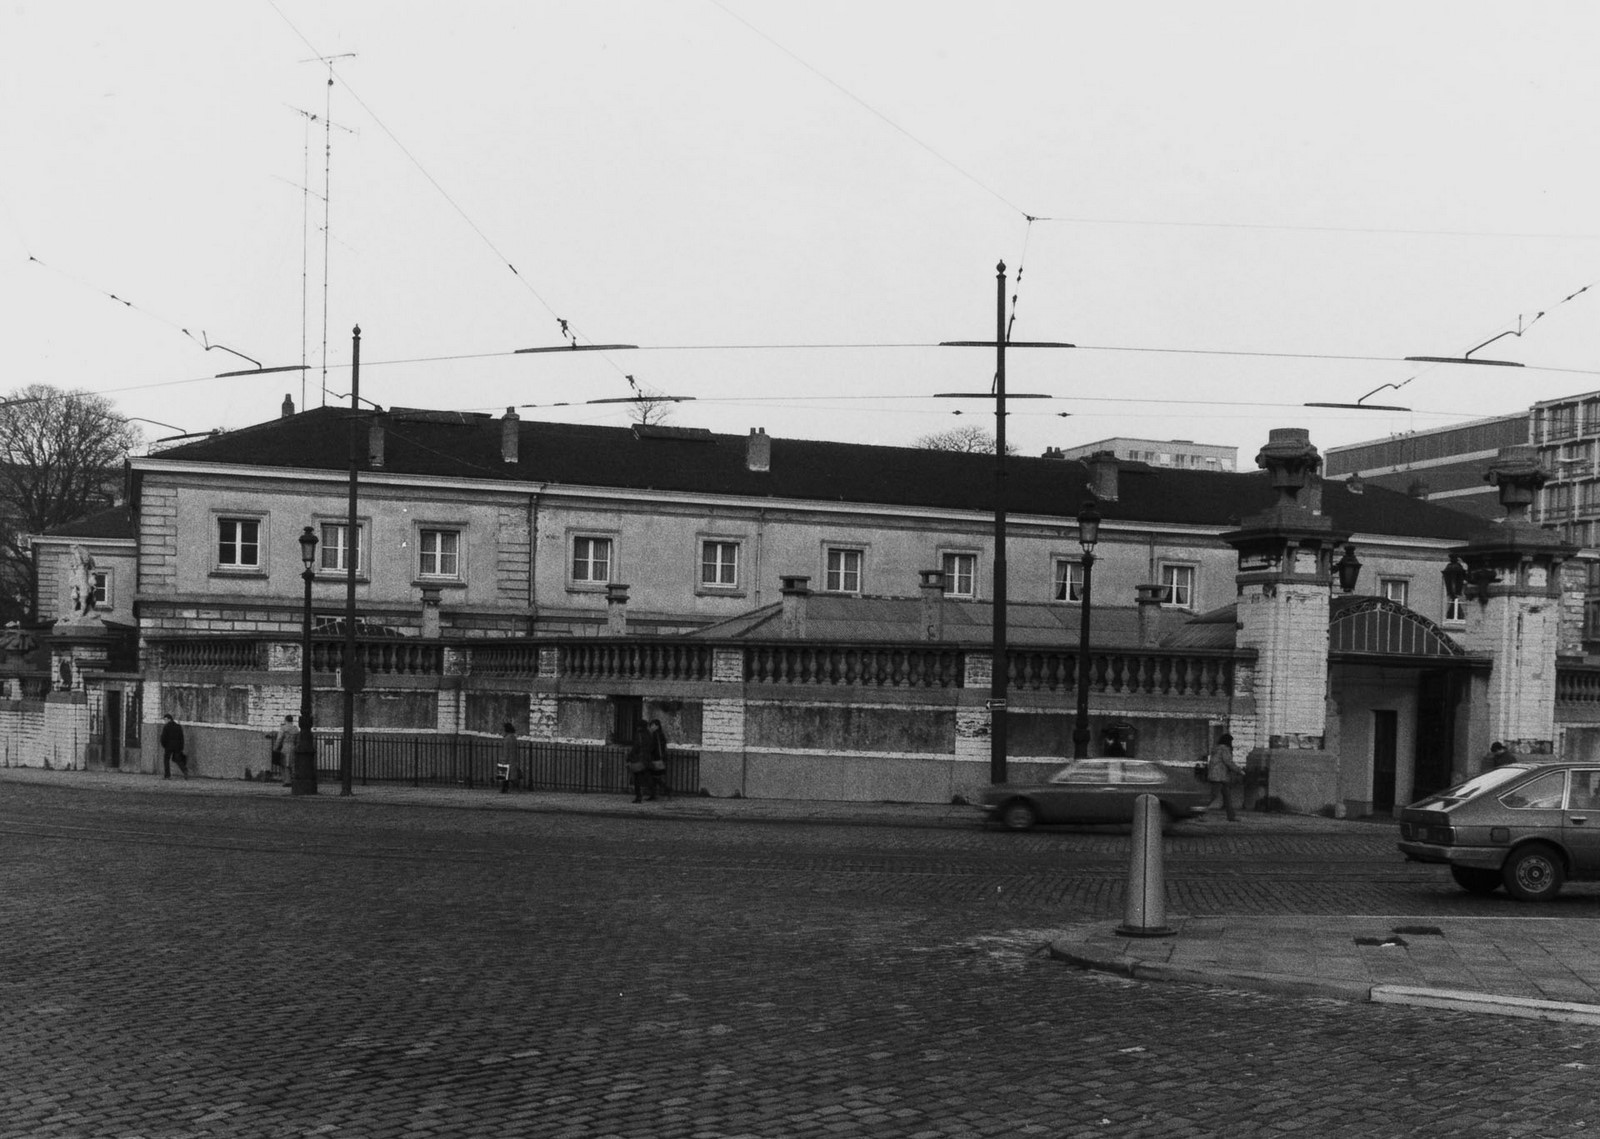 rue Ducale 1, place du Trône, Palais des Académies. Écuries du Roi., 1981